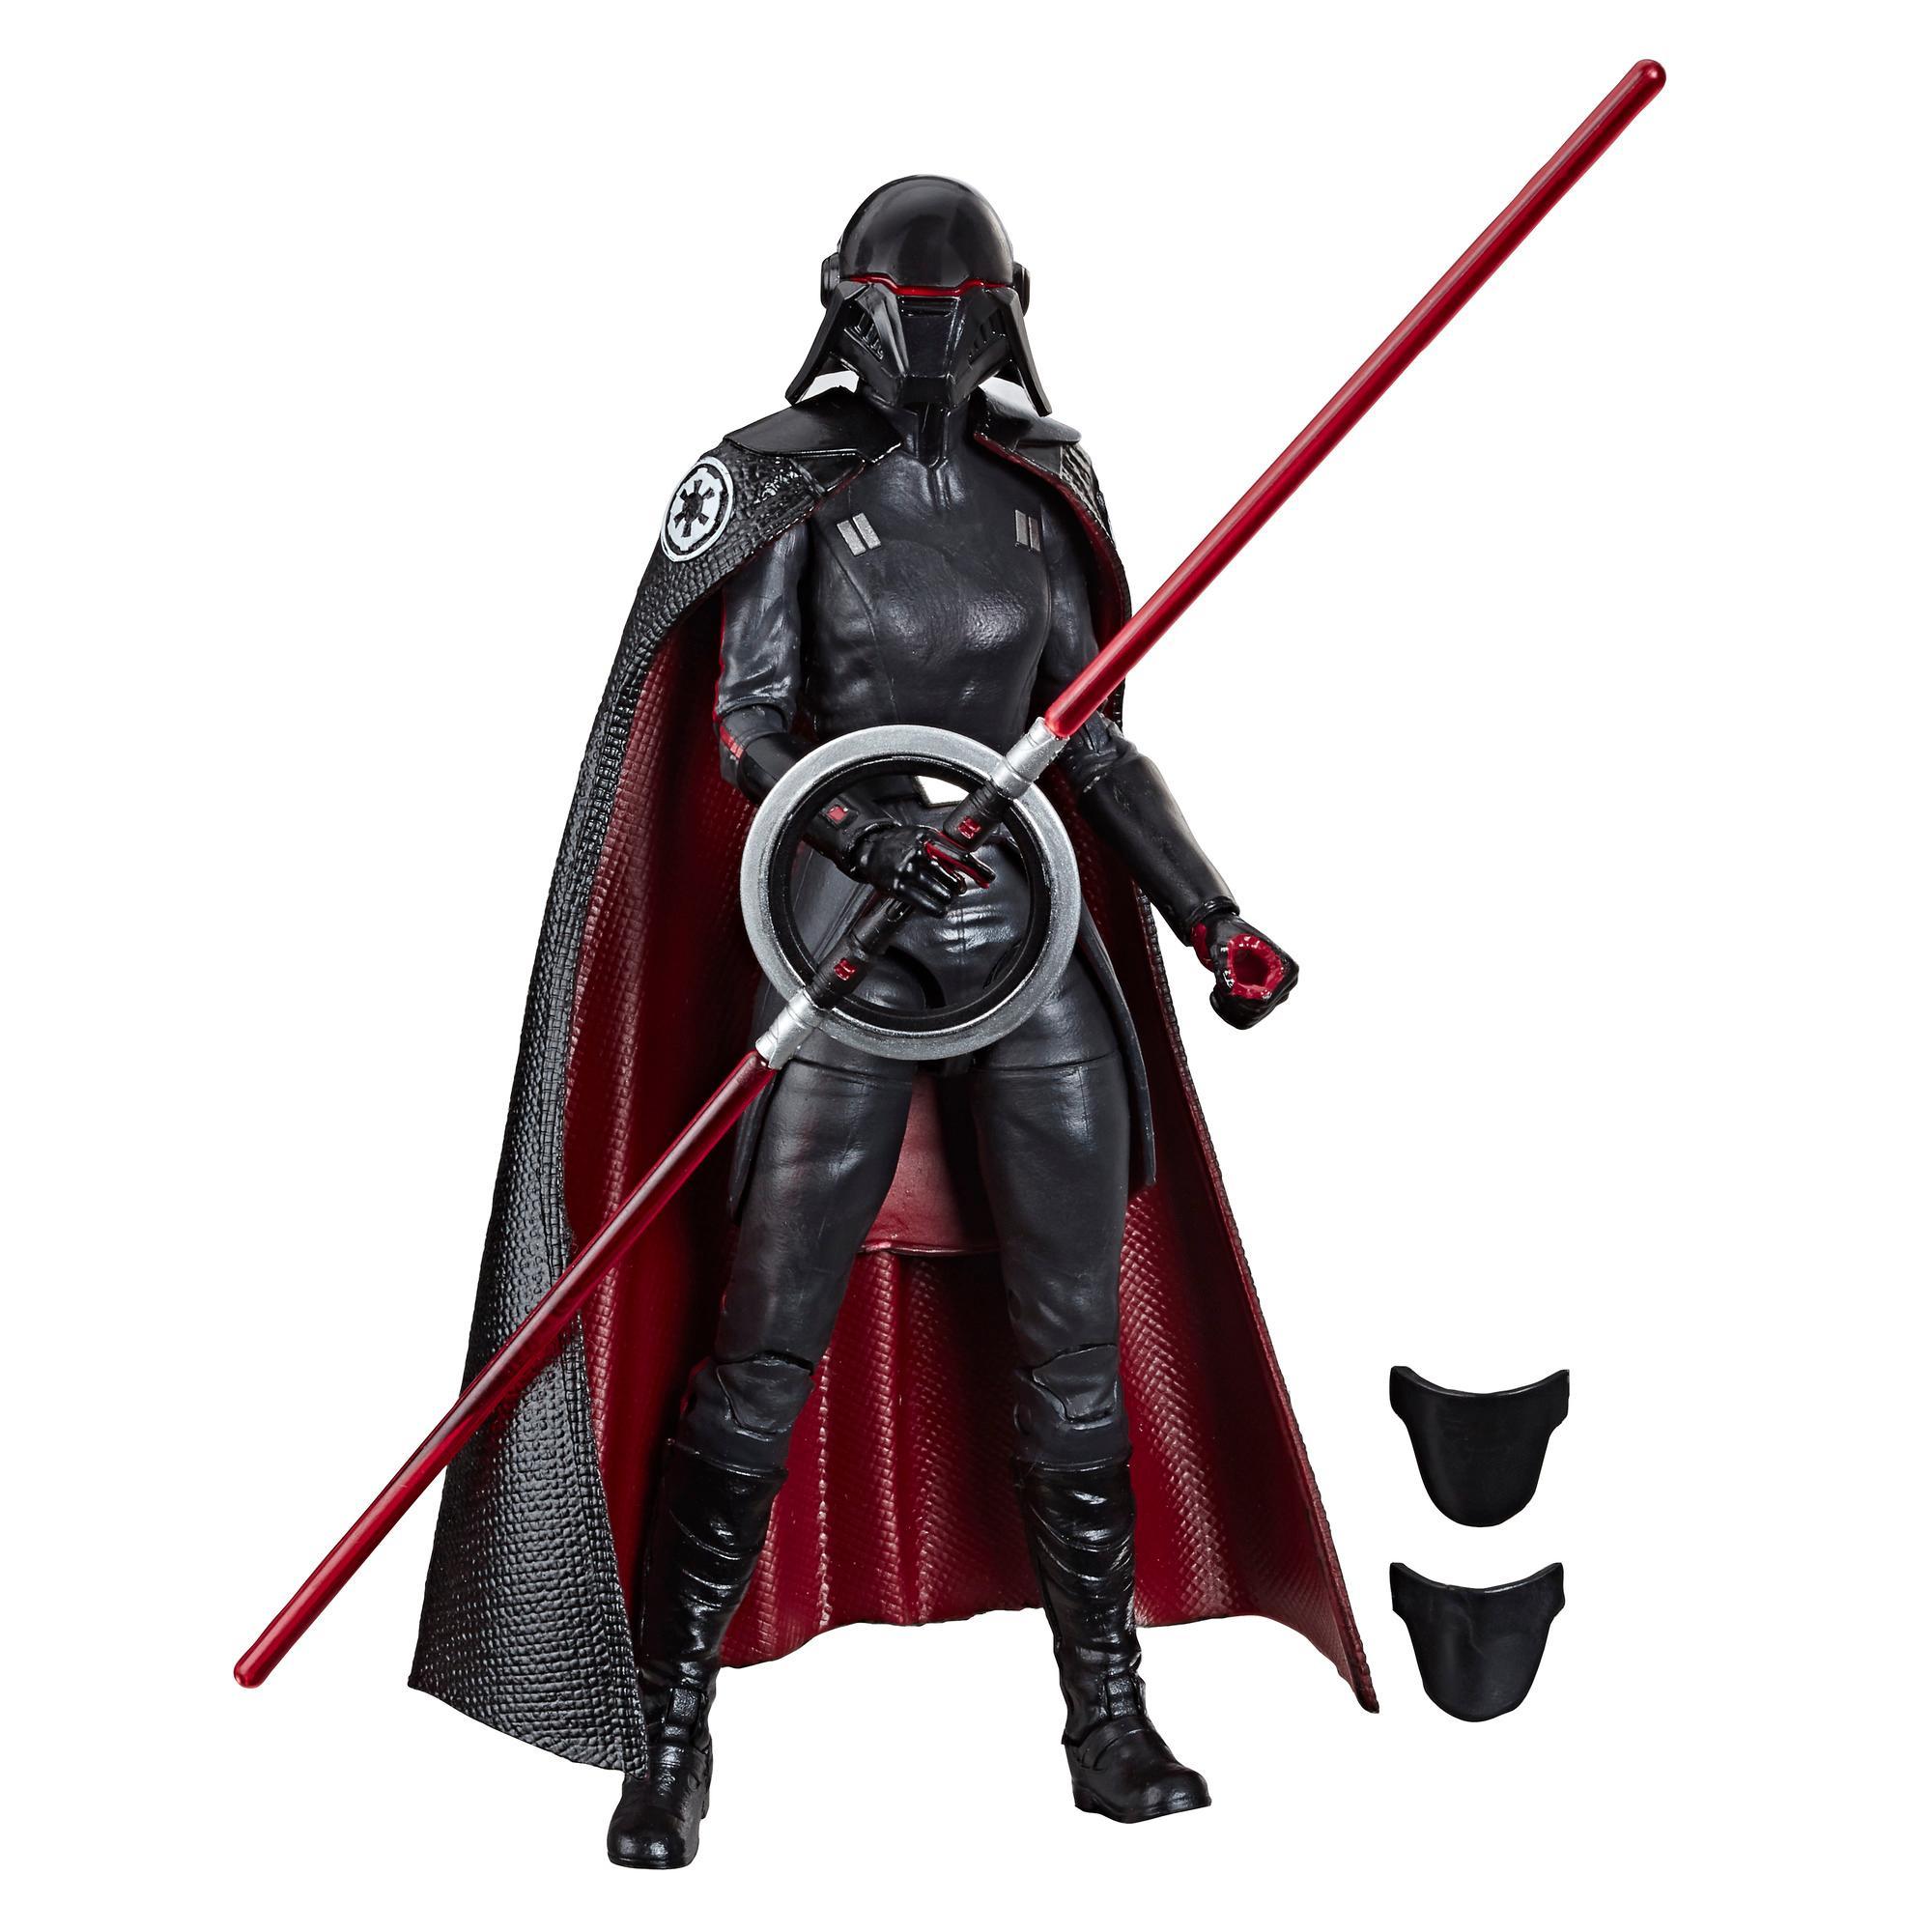 Star Wars The Black Series, figurine de la Deuxième Sœur Inquisitrice de 15 cm de Star Wars Jedi : Fallen Order